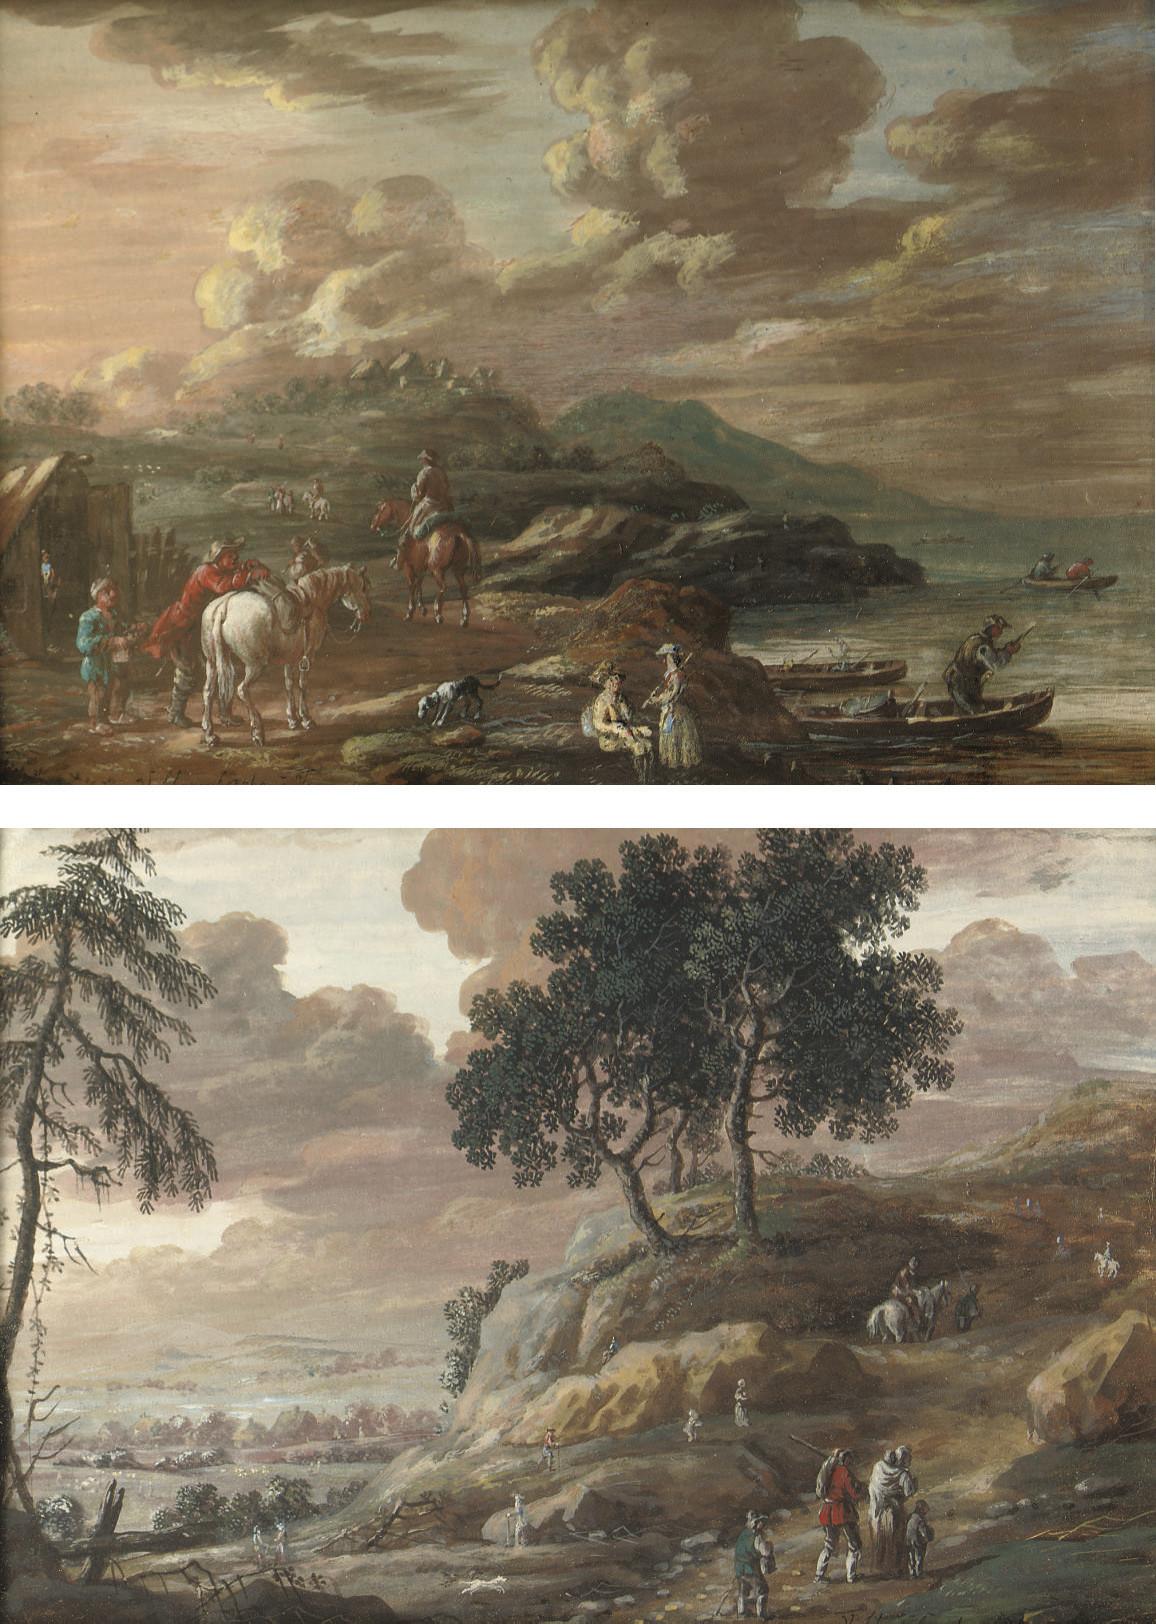 Henri-Joseph van Blarenberghe